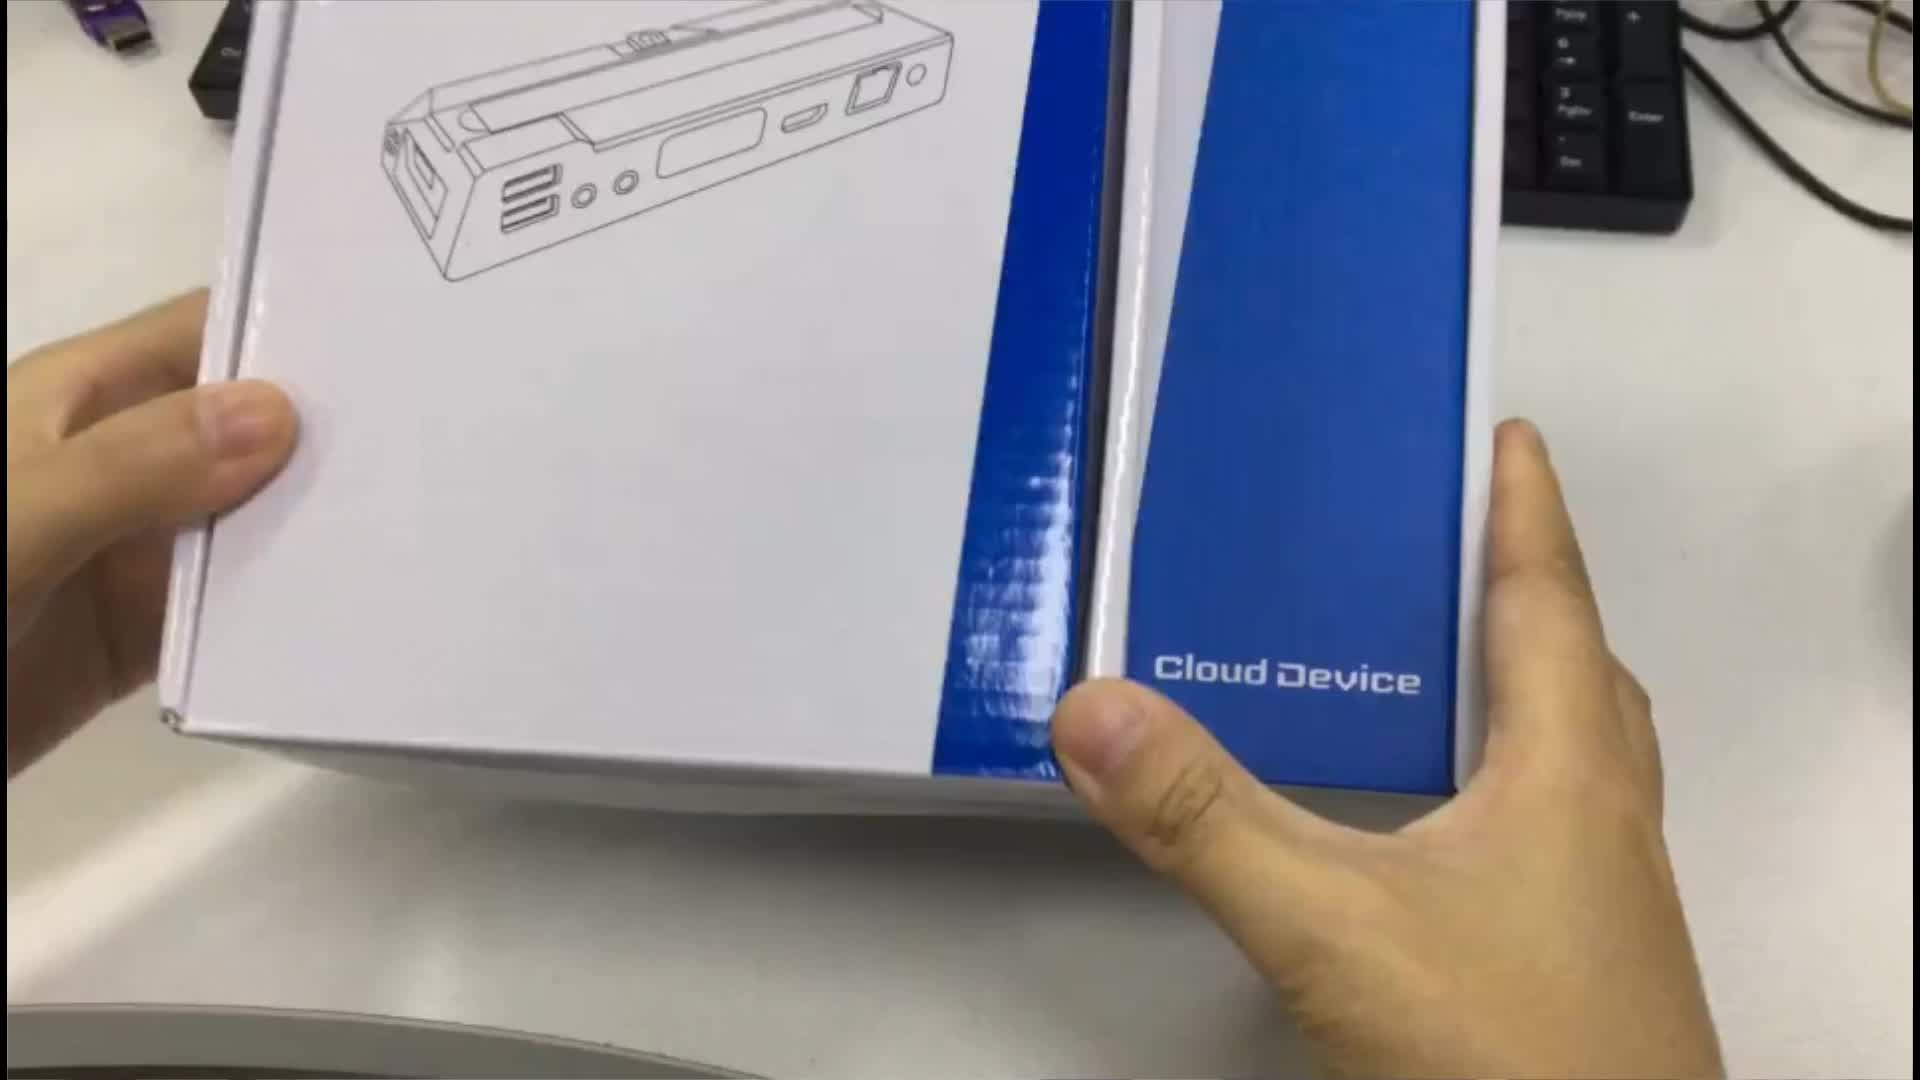 X2 シンクライアント linux の windows サーバ DDR3 512 メートル 4 ギガバイトフラッシュ深センオリジナル工場販売